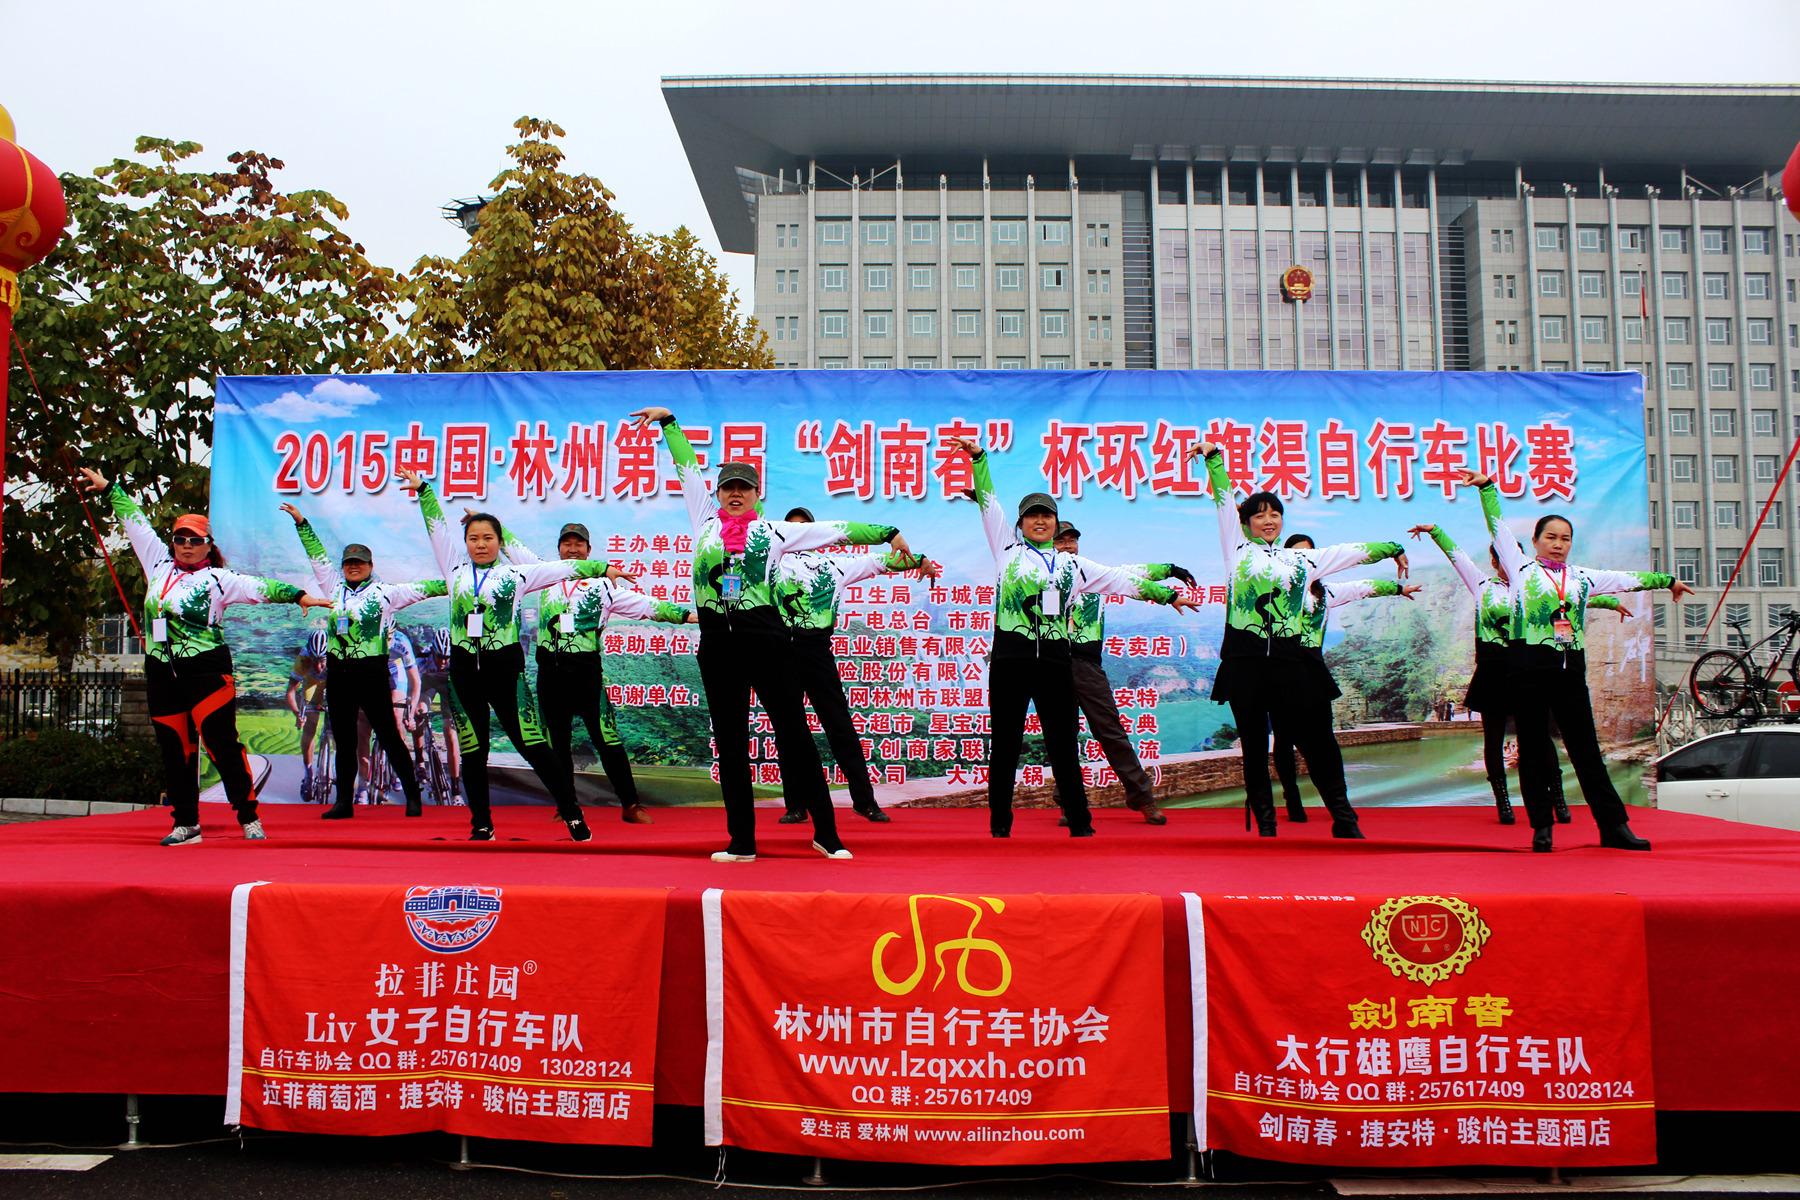 """2015林州市""""剑南春""""杯第三届红旗渠自行车比赛"""